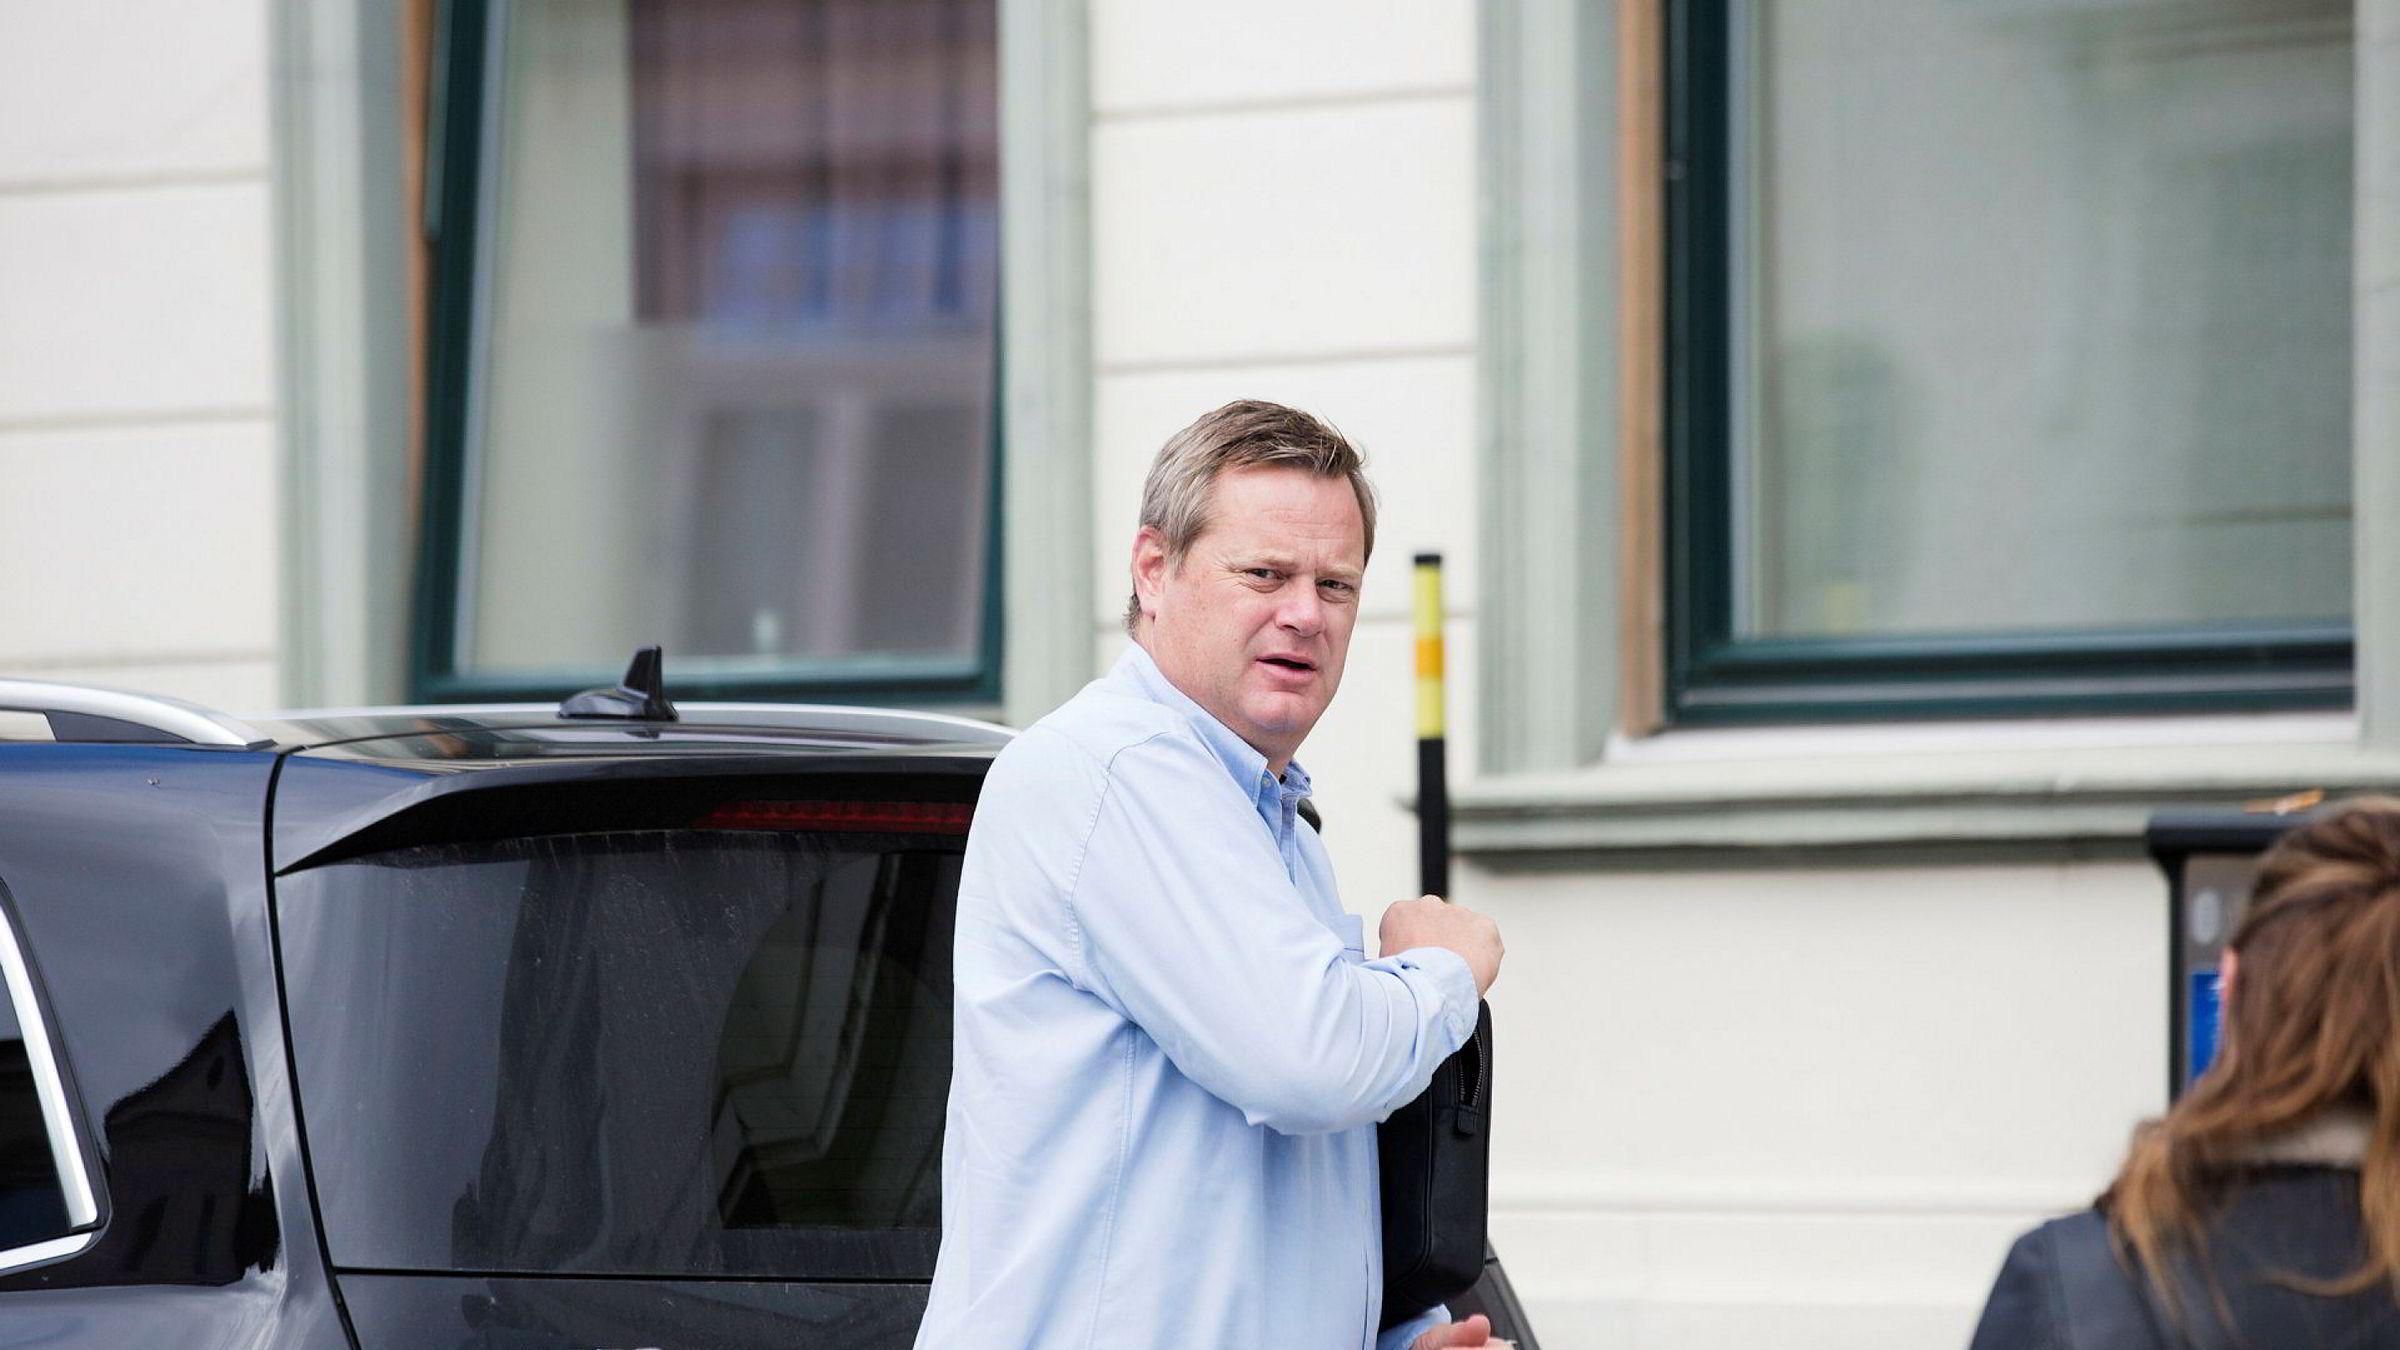 Tidligere var Einar Aas Norges største private krafttrader, som i flere år toppet inntektslistene. Nå står han med 0 i inntekt for 2018.